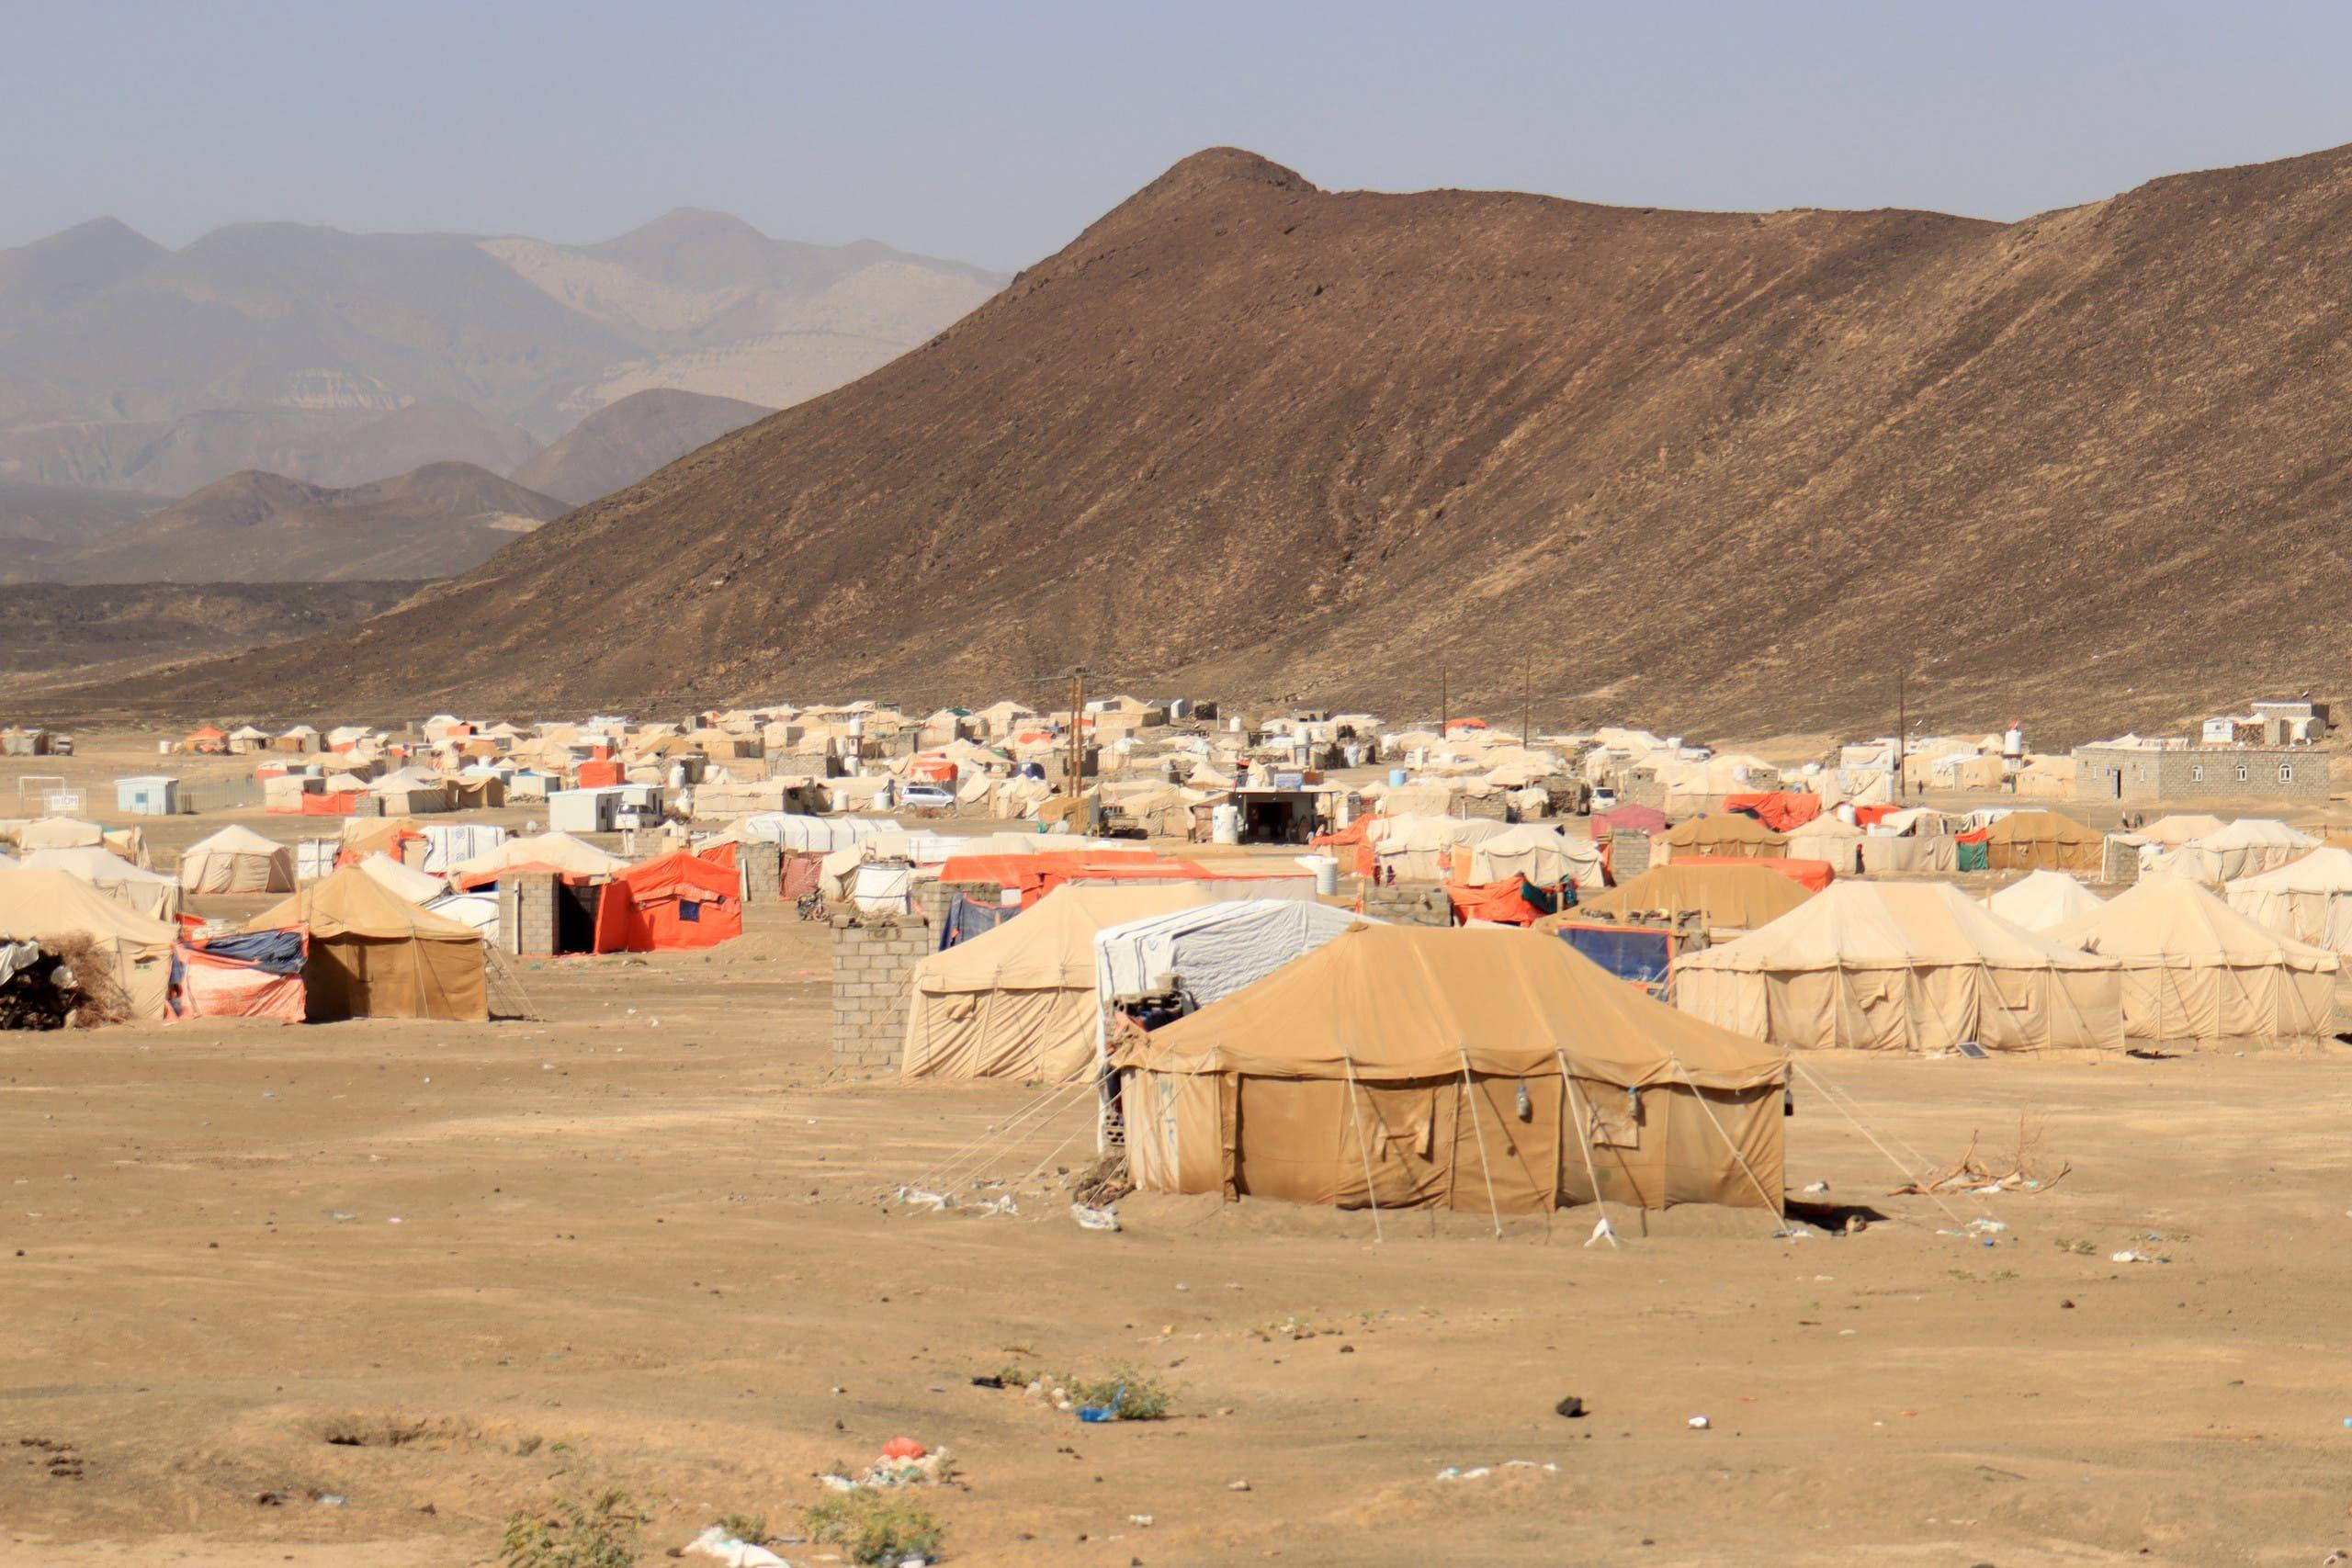 مخيم للنازحين في مأرب (أرشيفية)